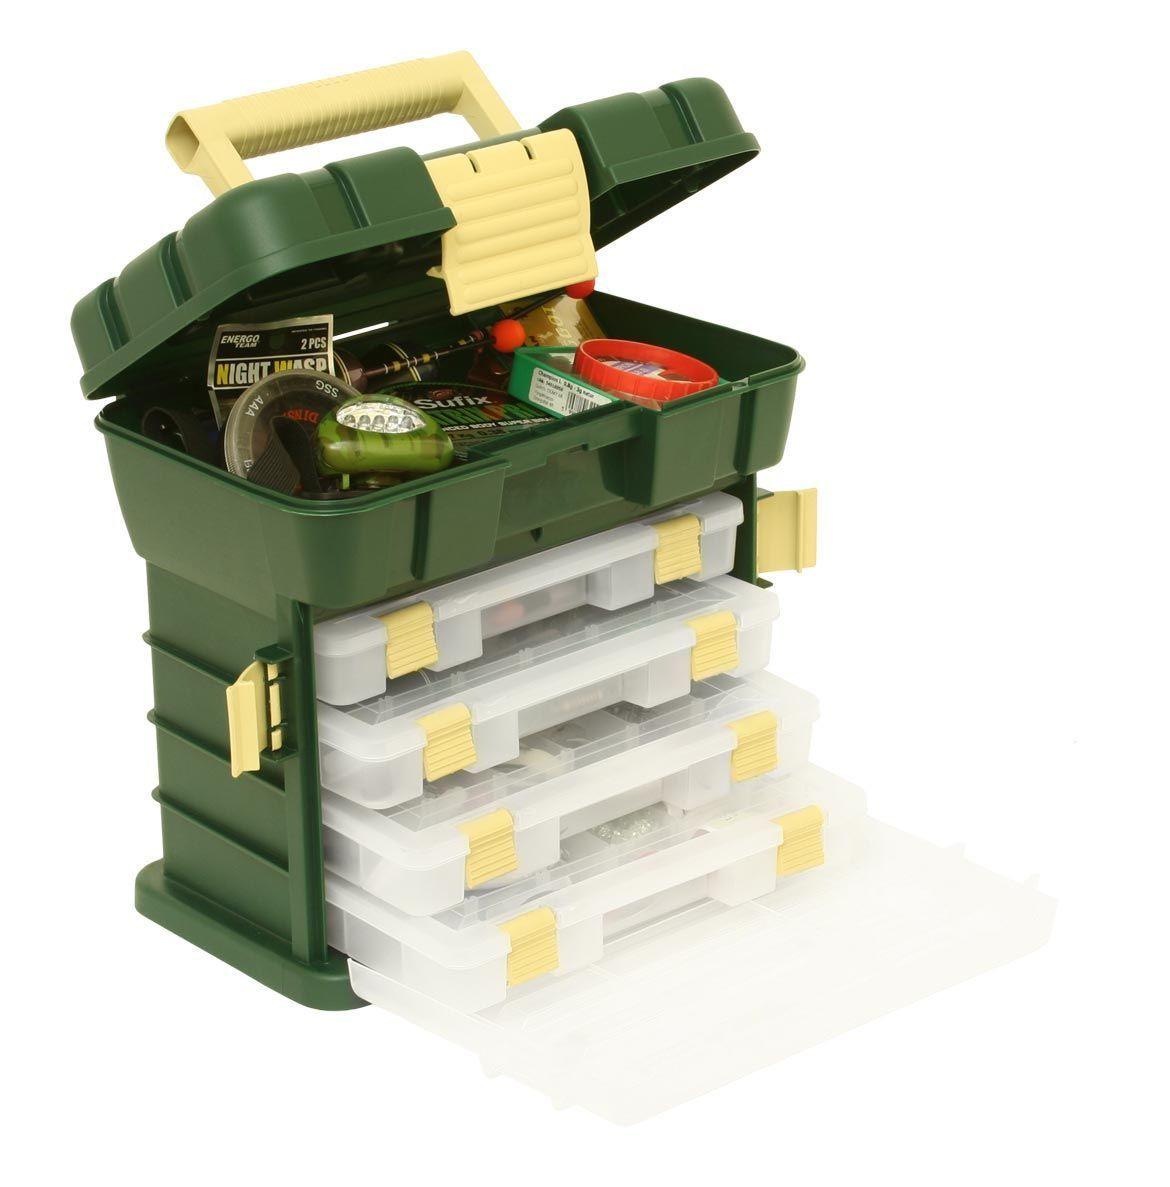 ящик для рыбалки купить в спб